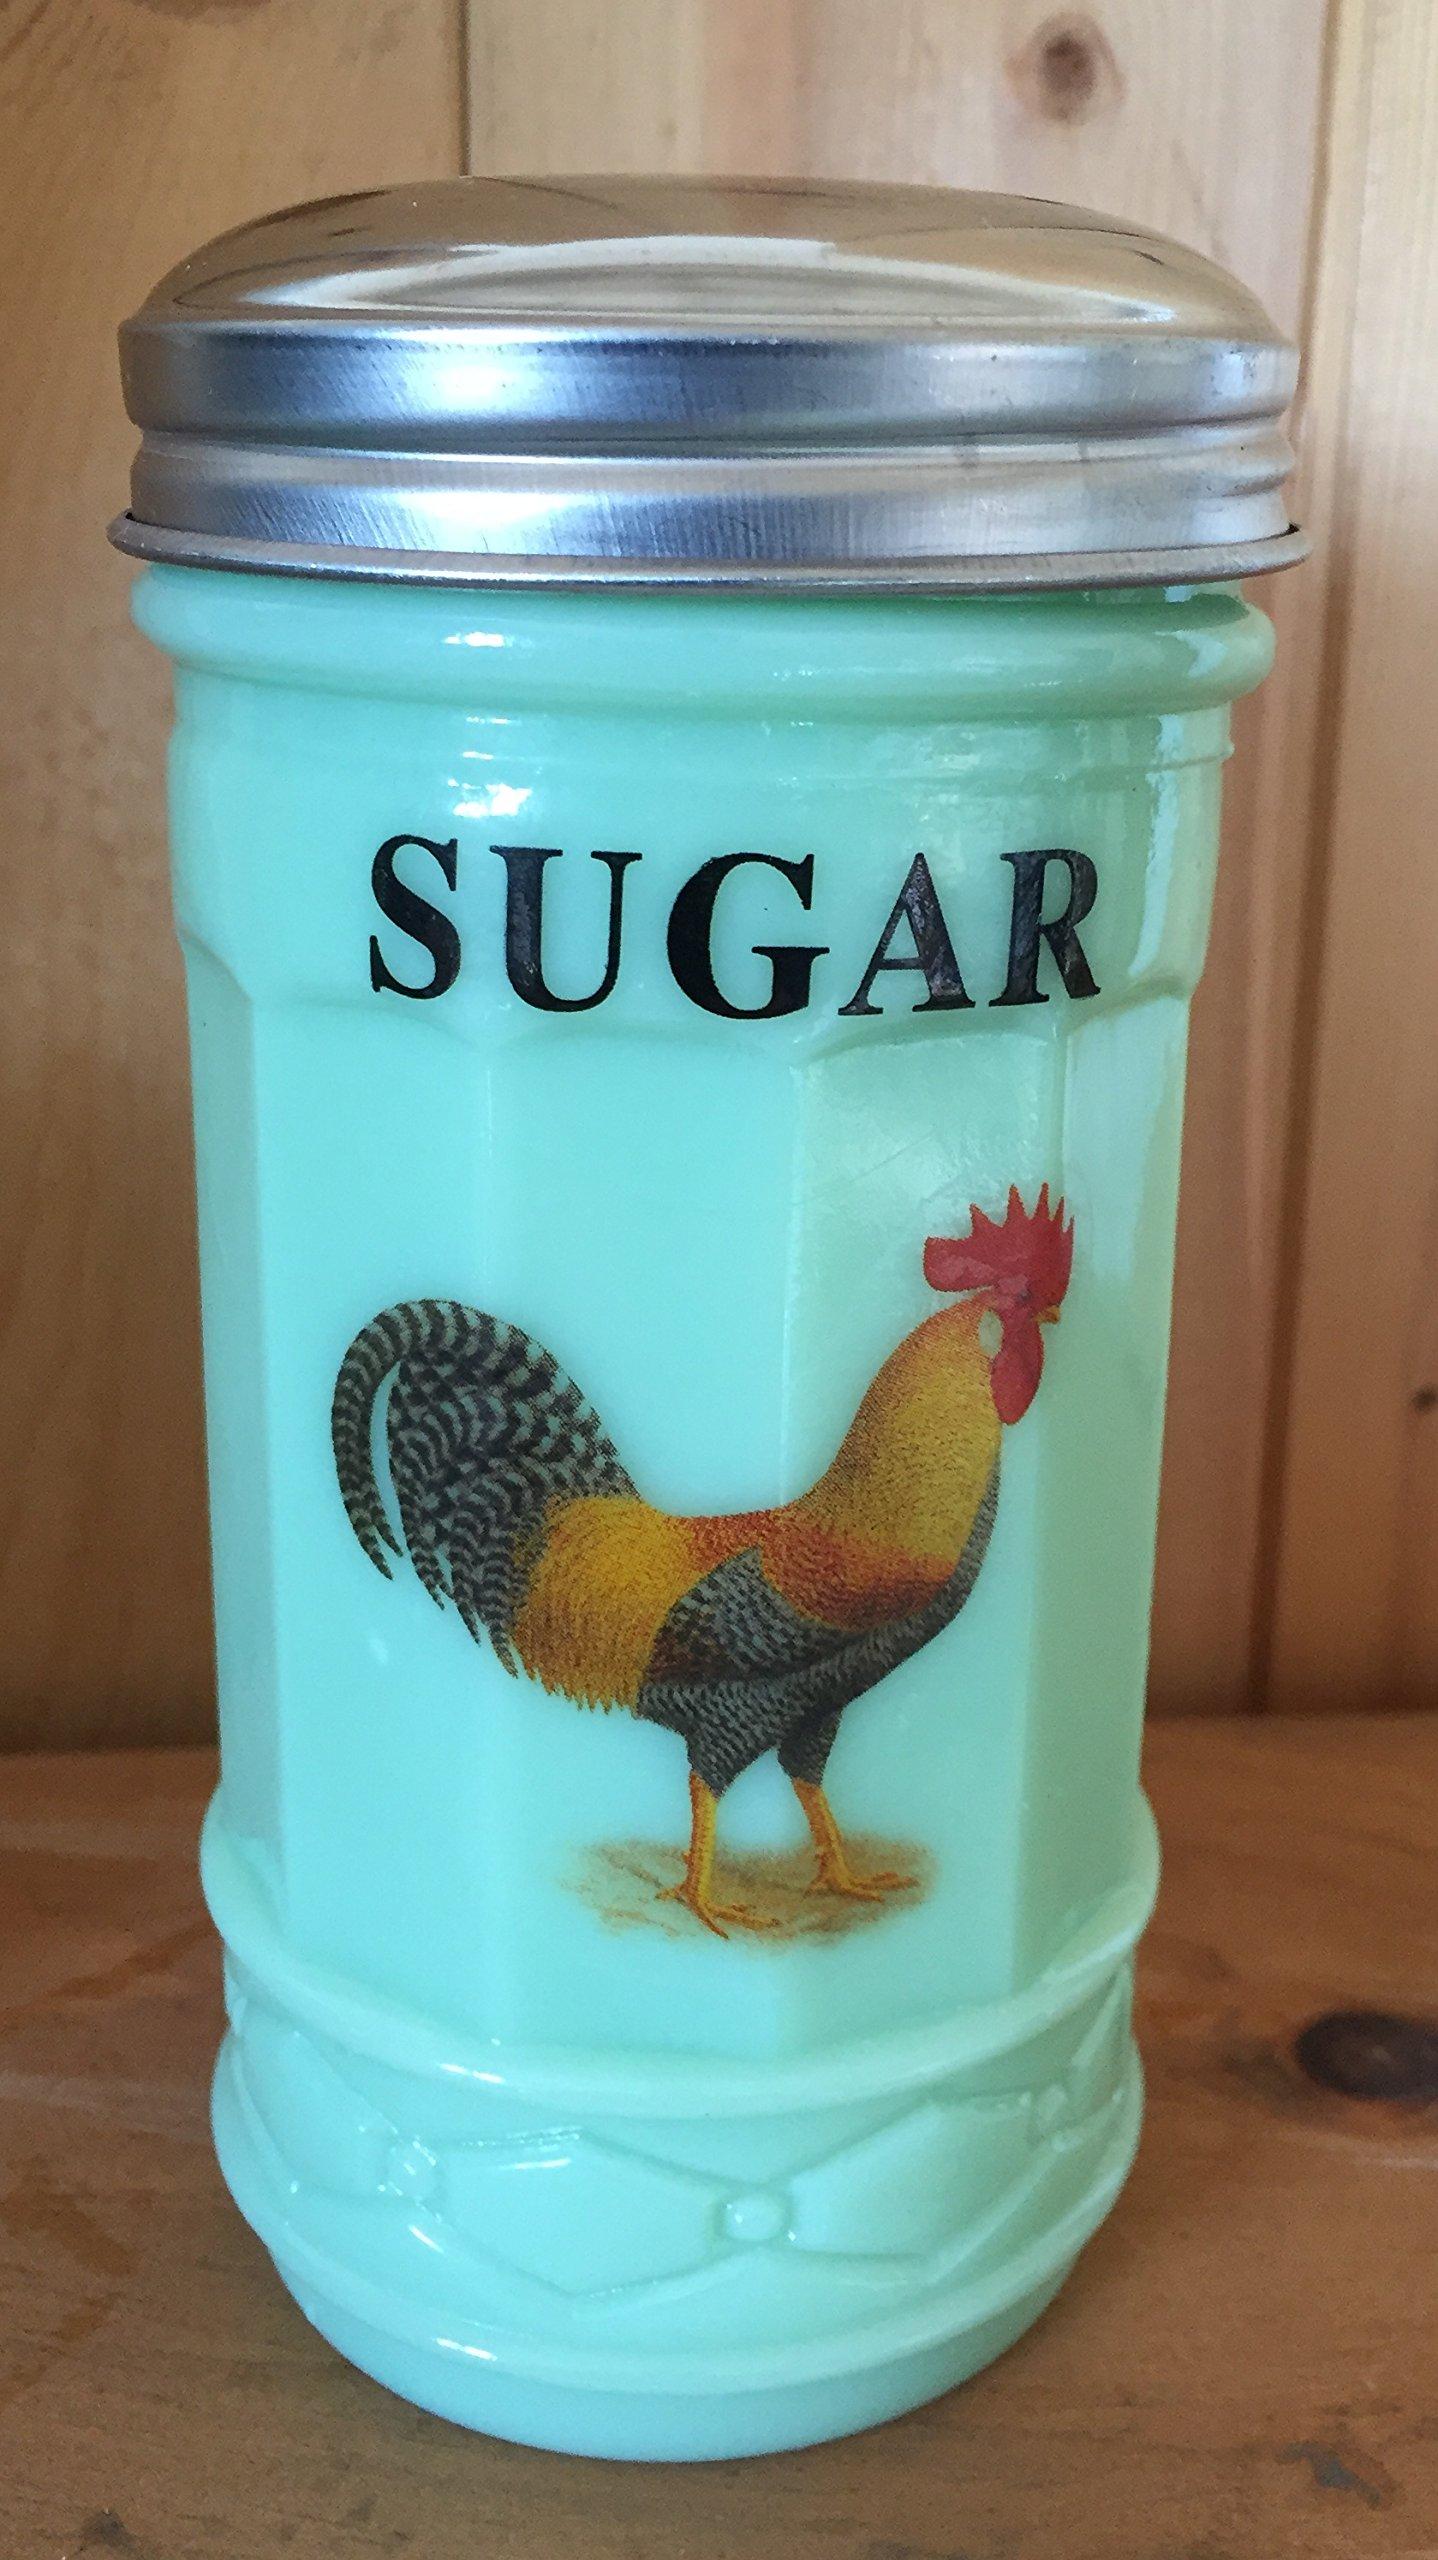 Jade Jadeite Green Glass Restaurant Style Sugar Shaker Dispenser - Leghorn Chicken Rooster